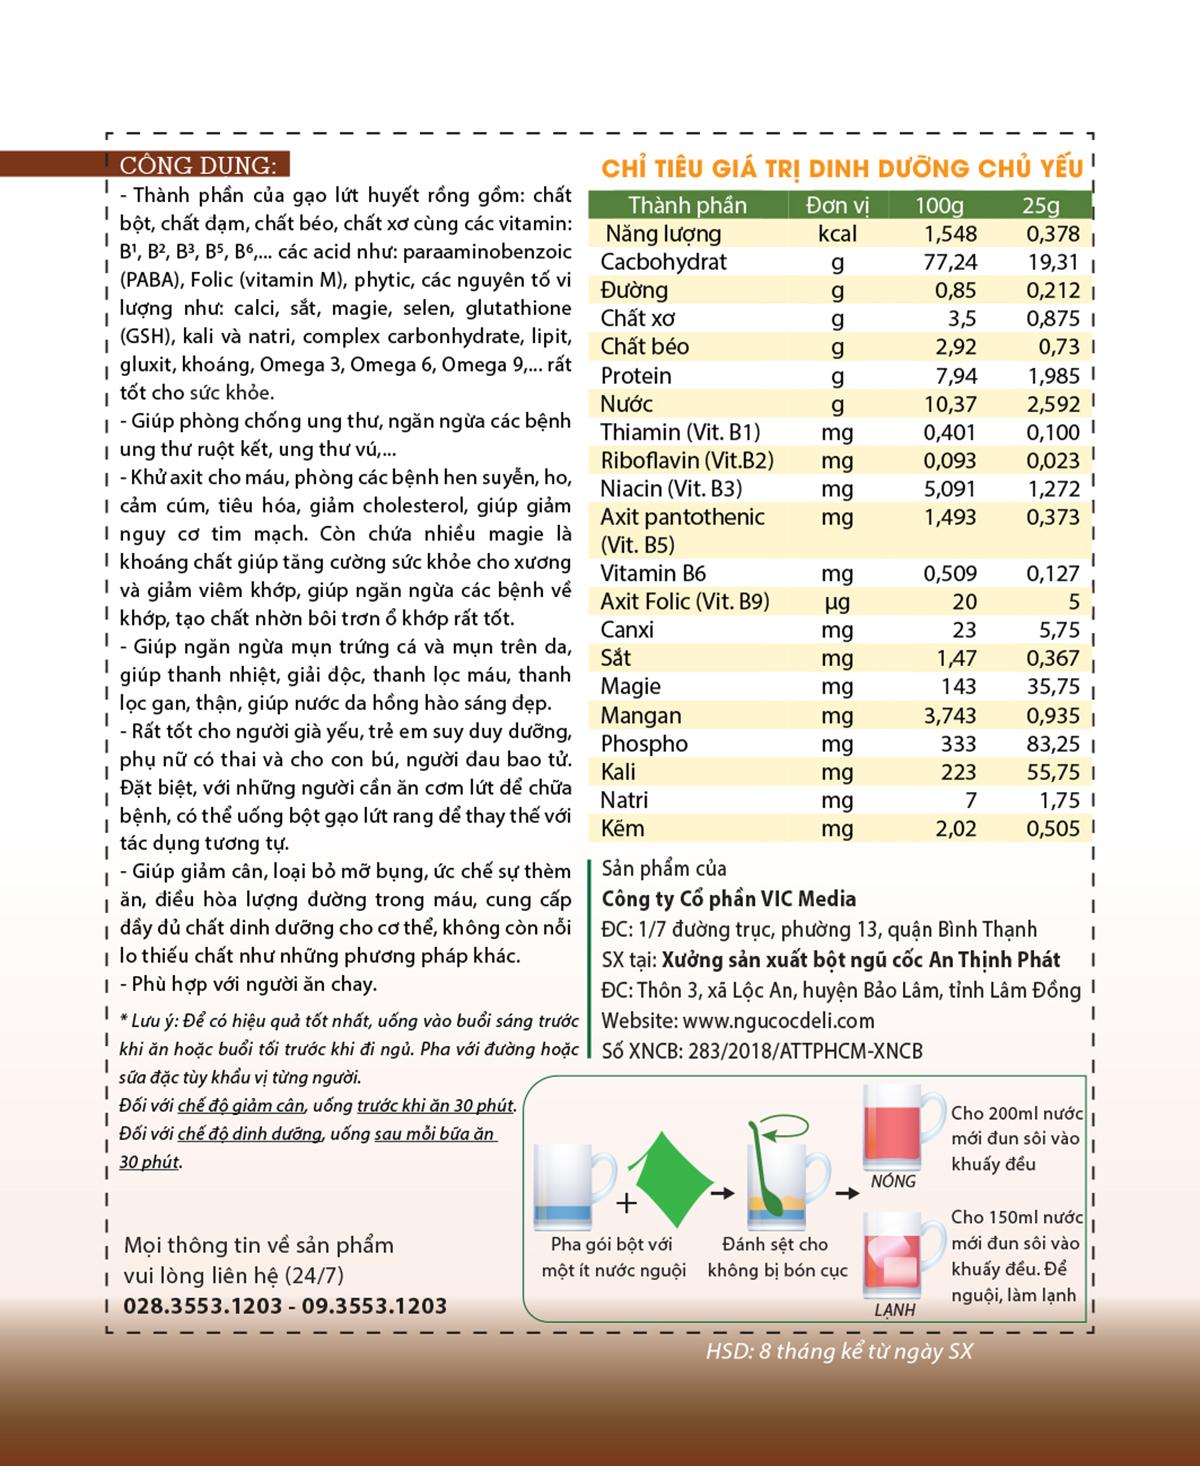 Bột ngũ cốc gạo lứt huyết rồng DeliBeans (Hộp 800g) 14 - Deli Beans